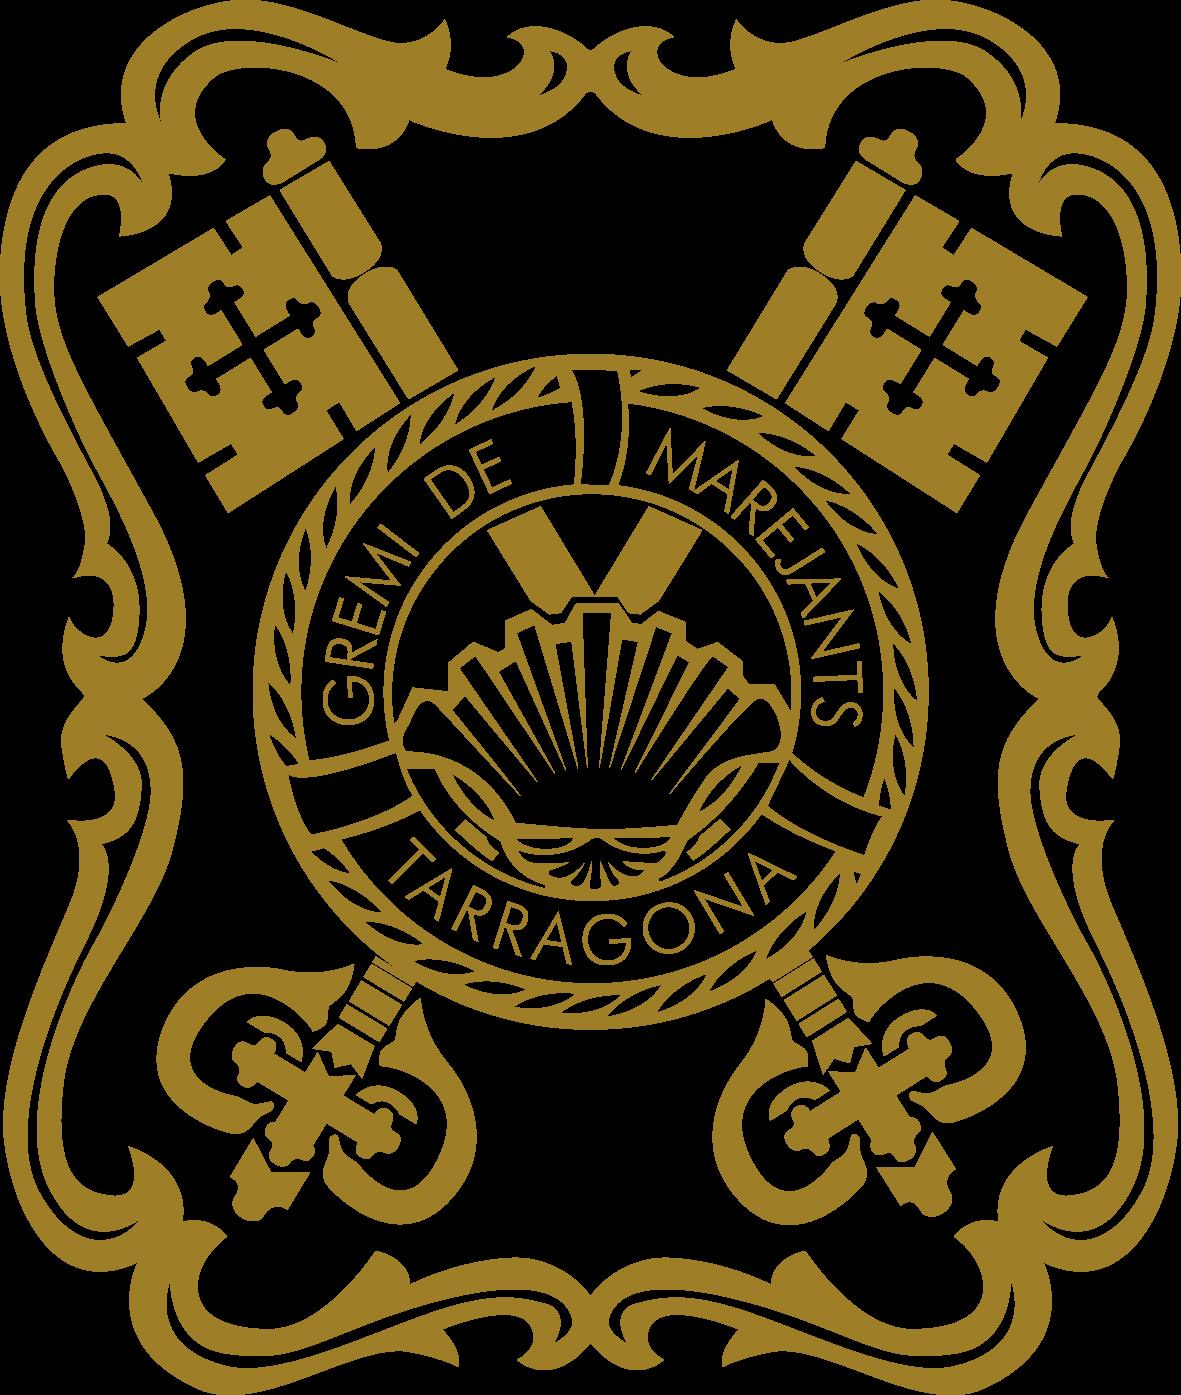 Gremi de Marejants de Tarragona